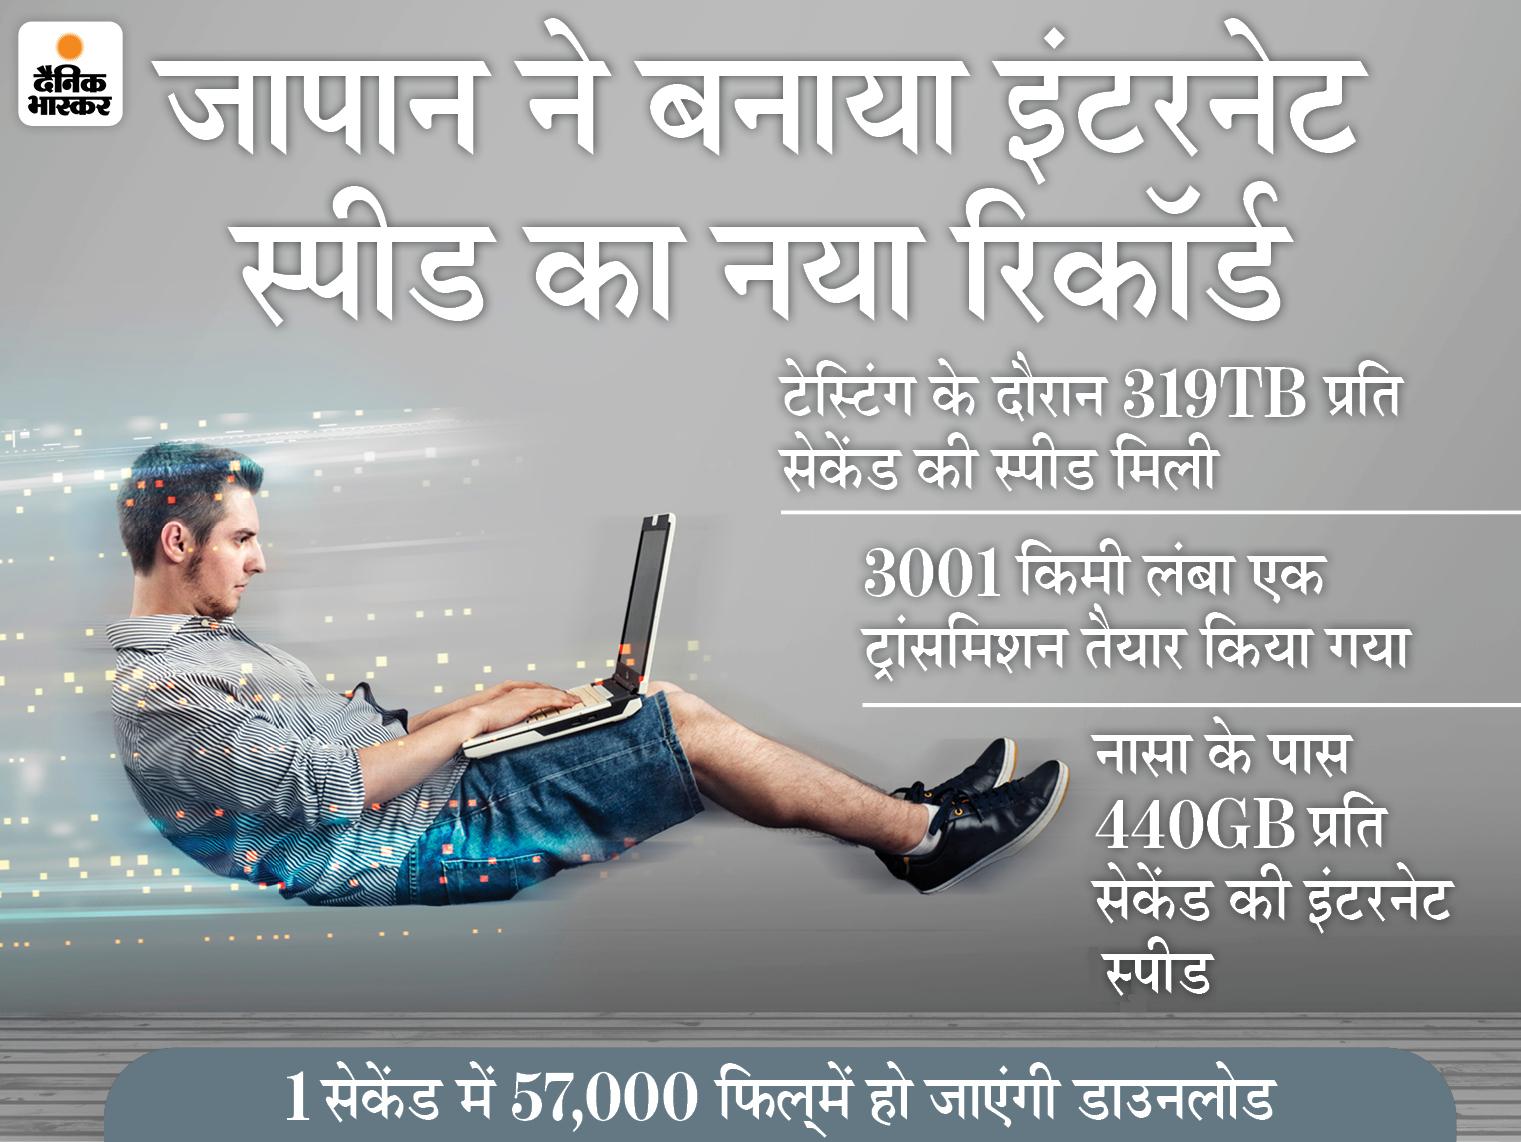 टेस्टिंग के दौरान 319TB प्रति सेकेंड की स्पीड मिली, 1 सेकेंड में 57,000 फिल्में हो जाएंगी डाउनलोड|टेक & ऑटो,Tech & Auto - Dainik Bhaskar